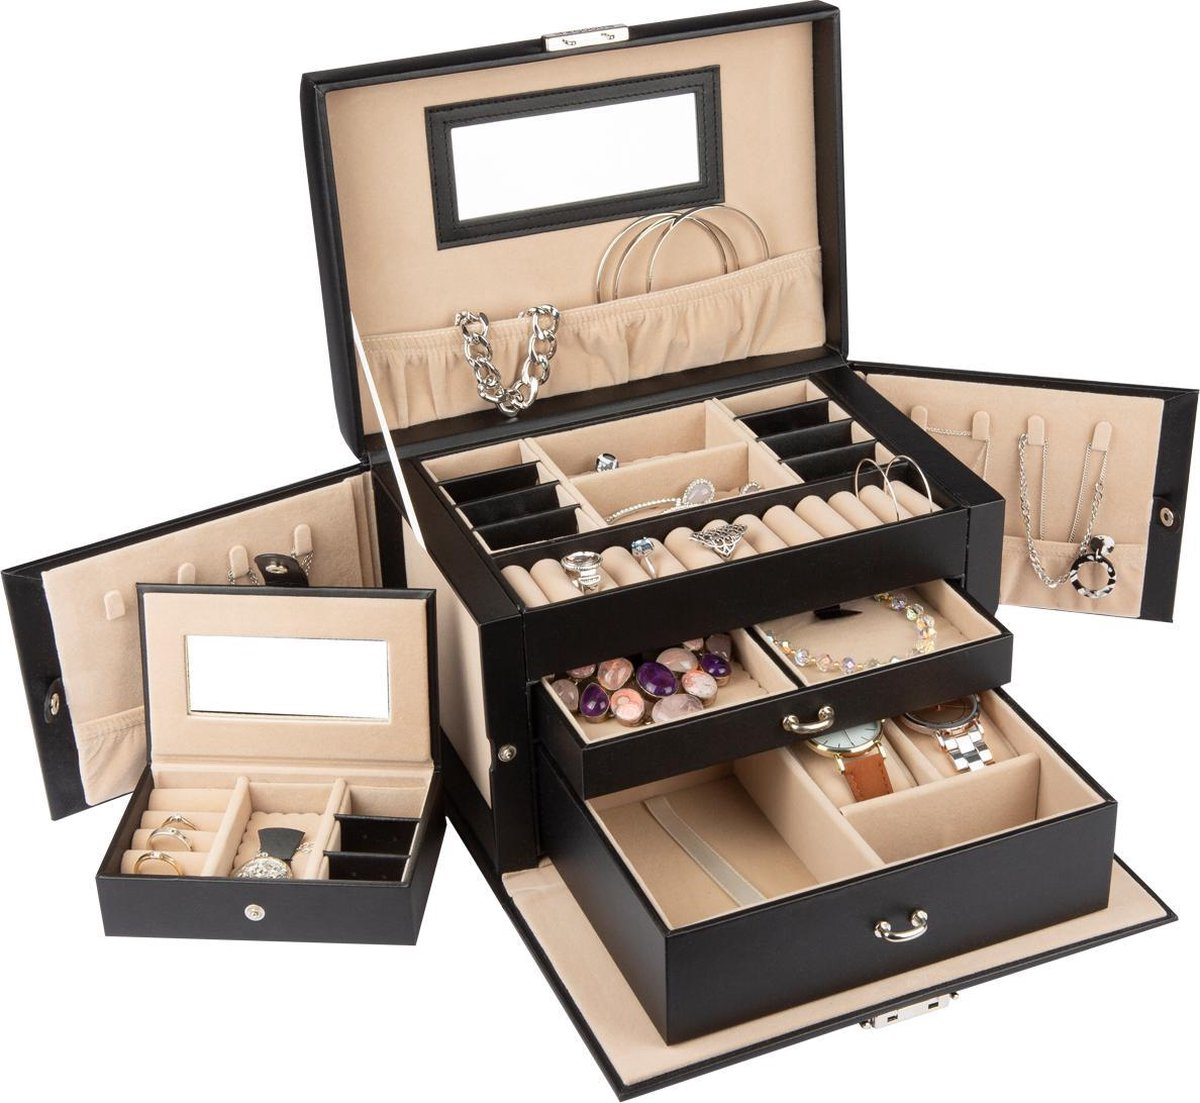 LifeGoods XL Sieraden Doos Met Spiegel - Luxe Bijouterie Kistje - Juwelen Box Met Houder - 20 Vakken